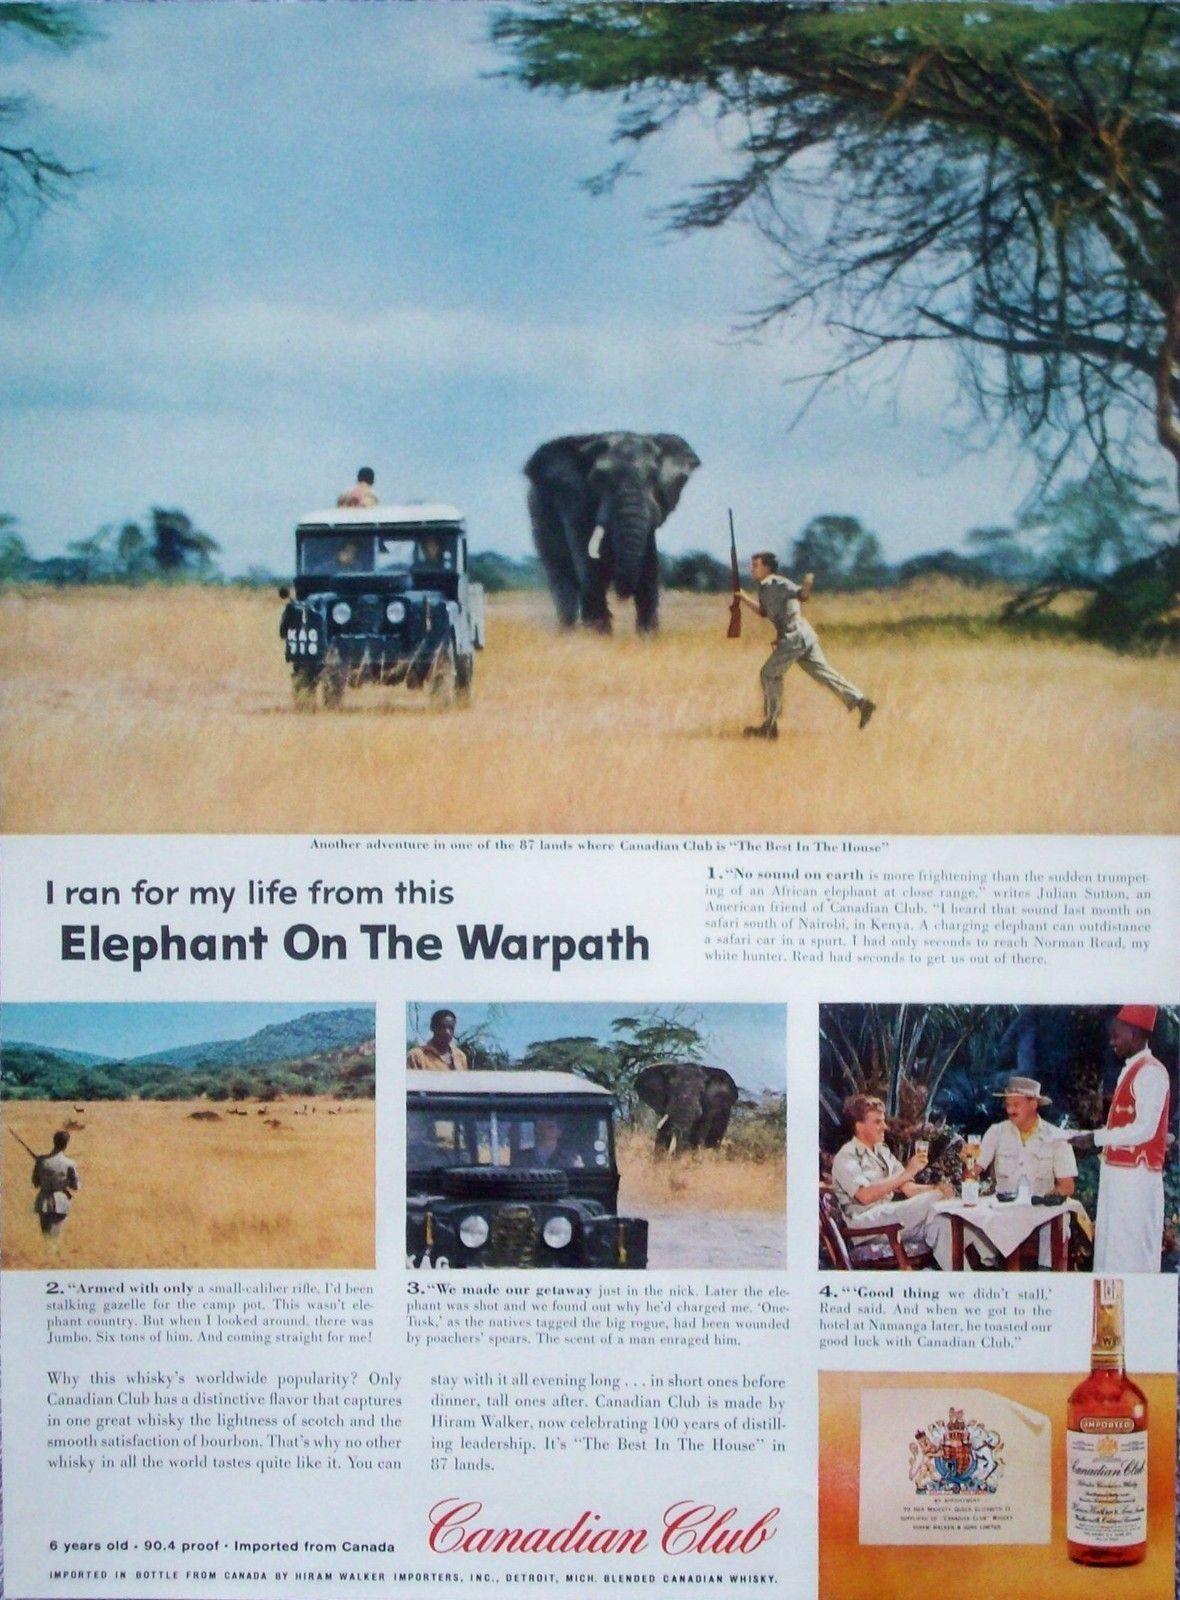 Canadian Club Whiskey Kenya Safari 1958 | africa | Canadian club